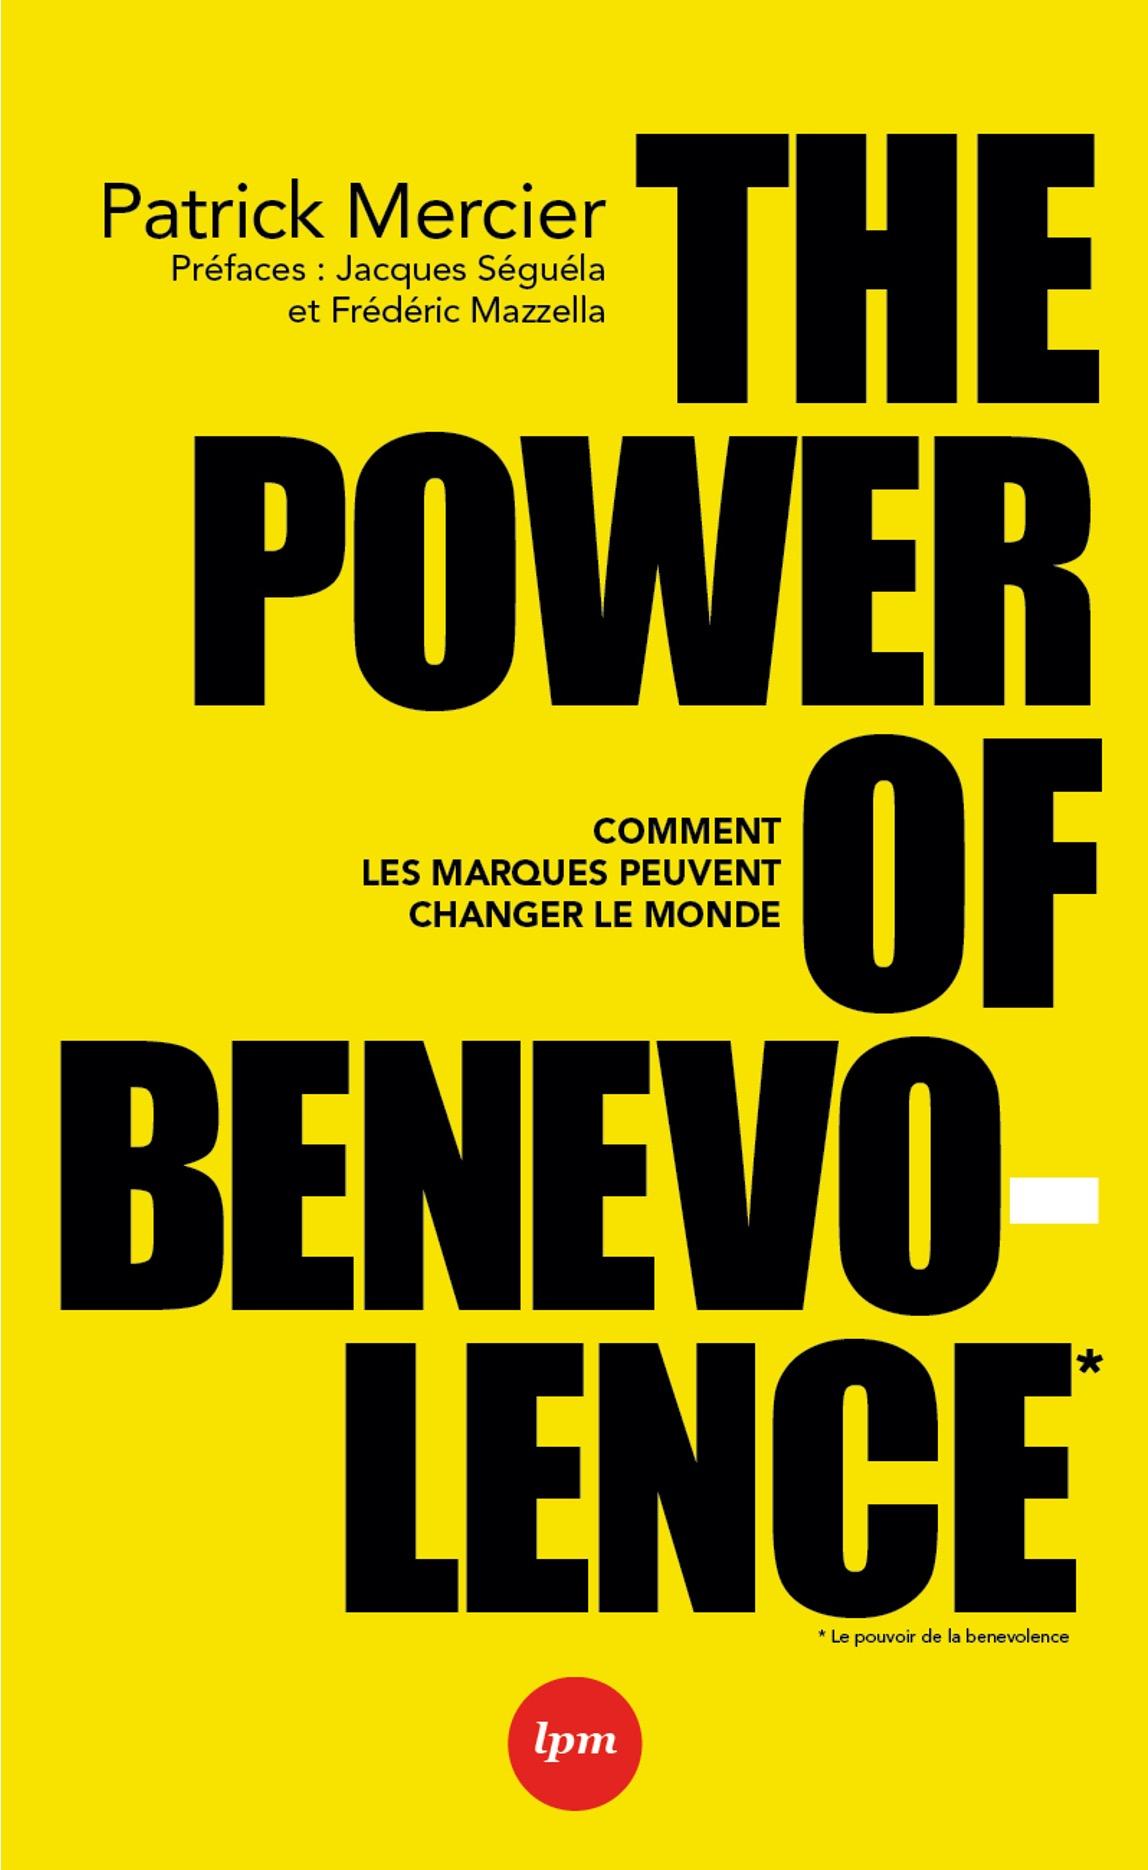 change - Interview de Patrick Mercier, Fondateur et Président agence CHANGE